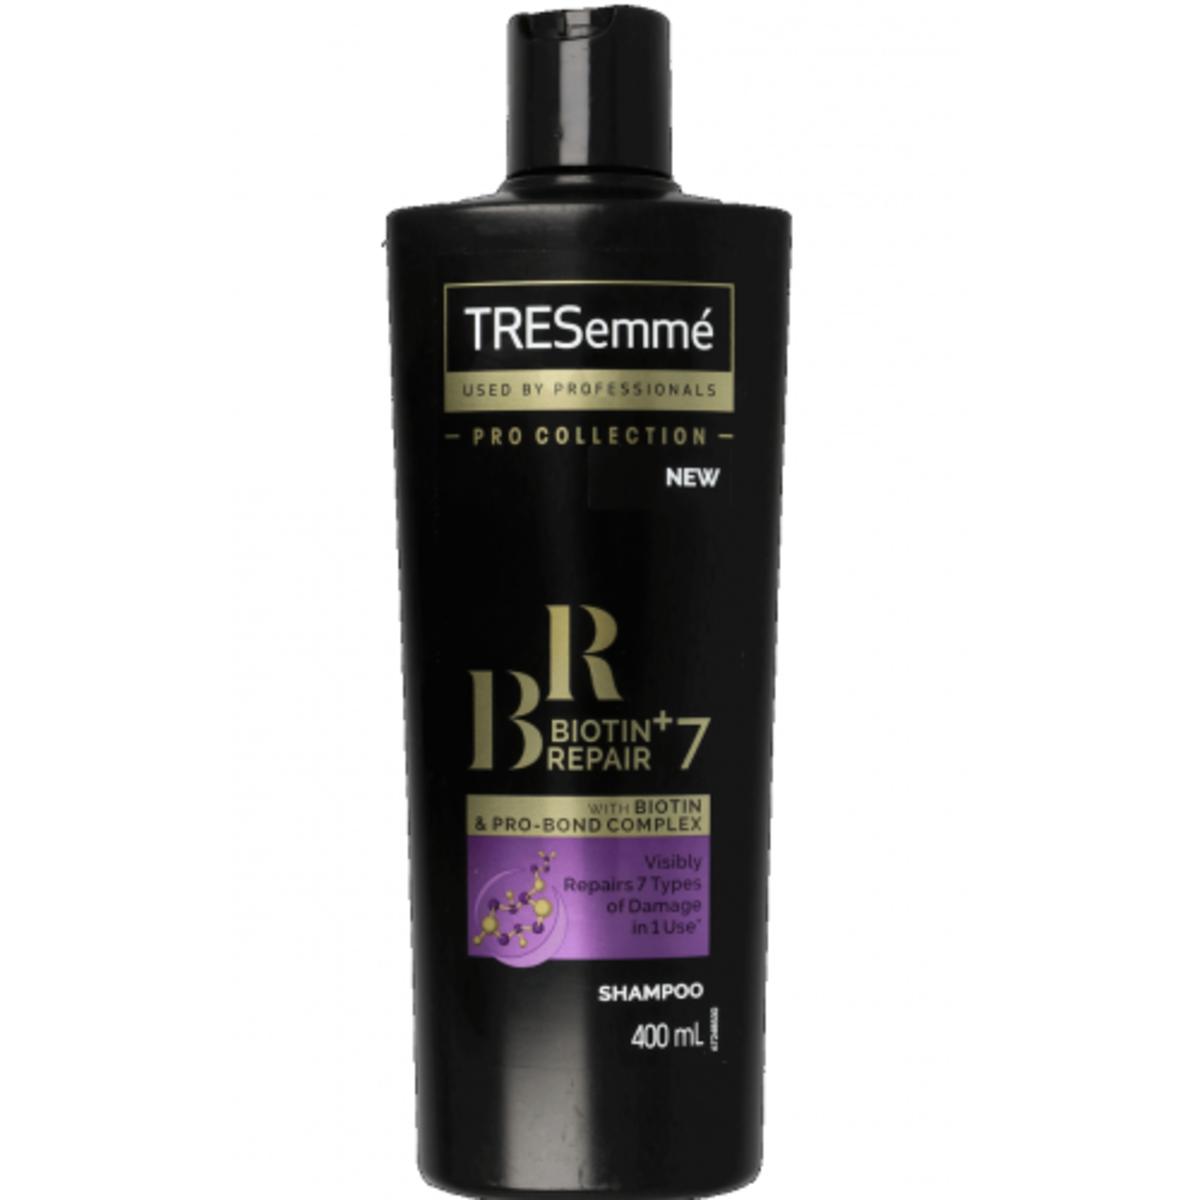 TRESemmé, Szampon do włosów zniszczonych Biotin+ Repair 7